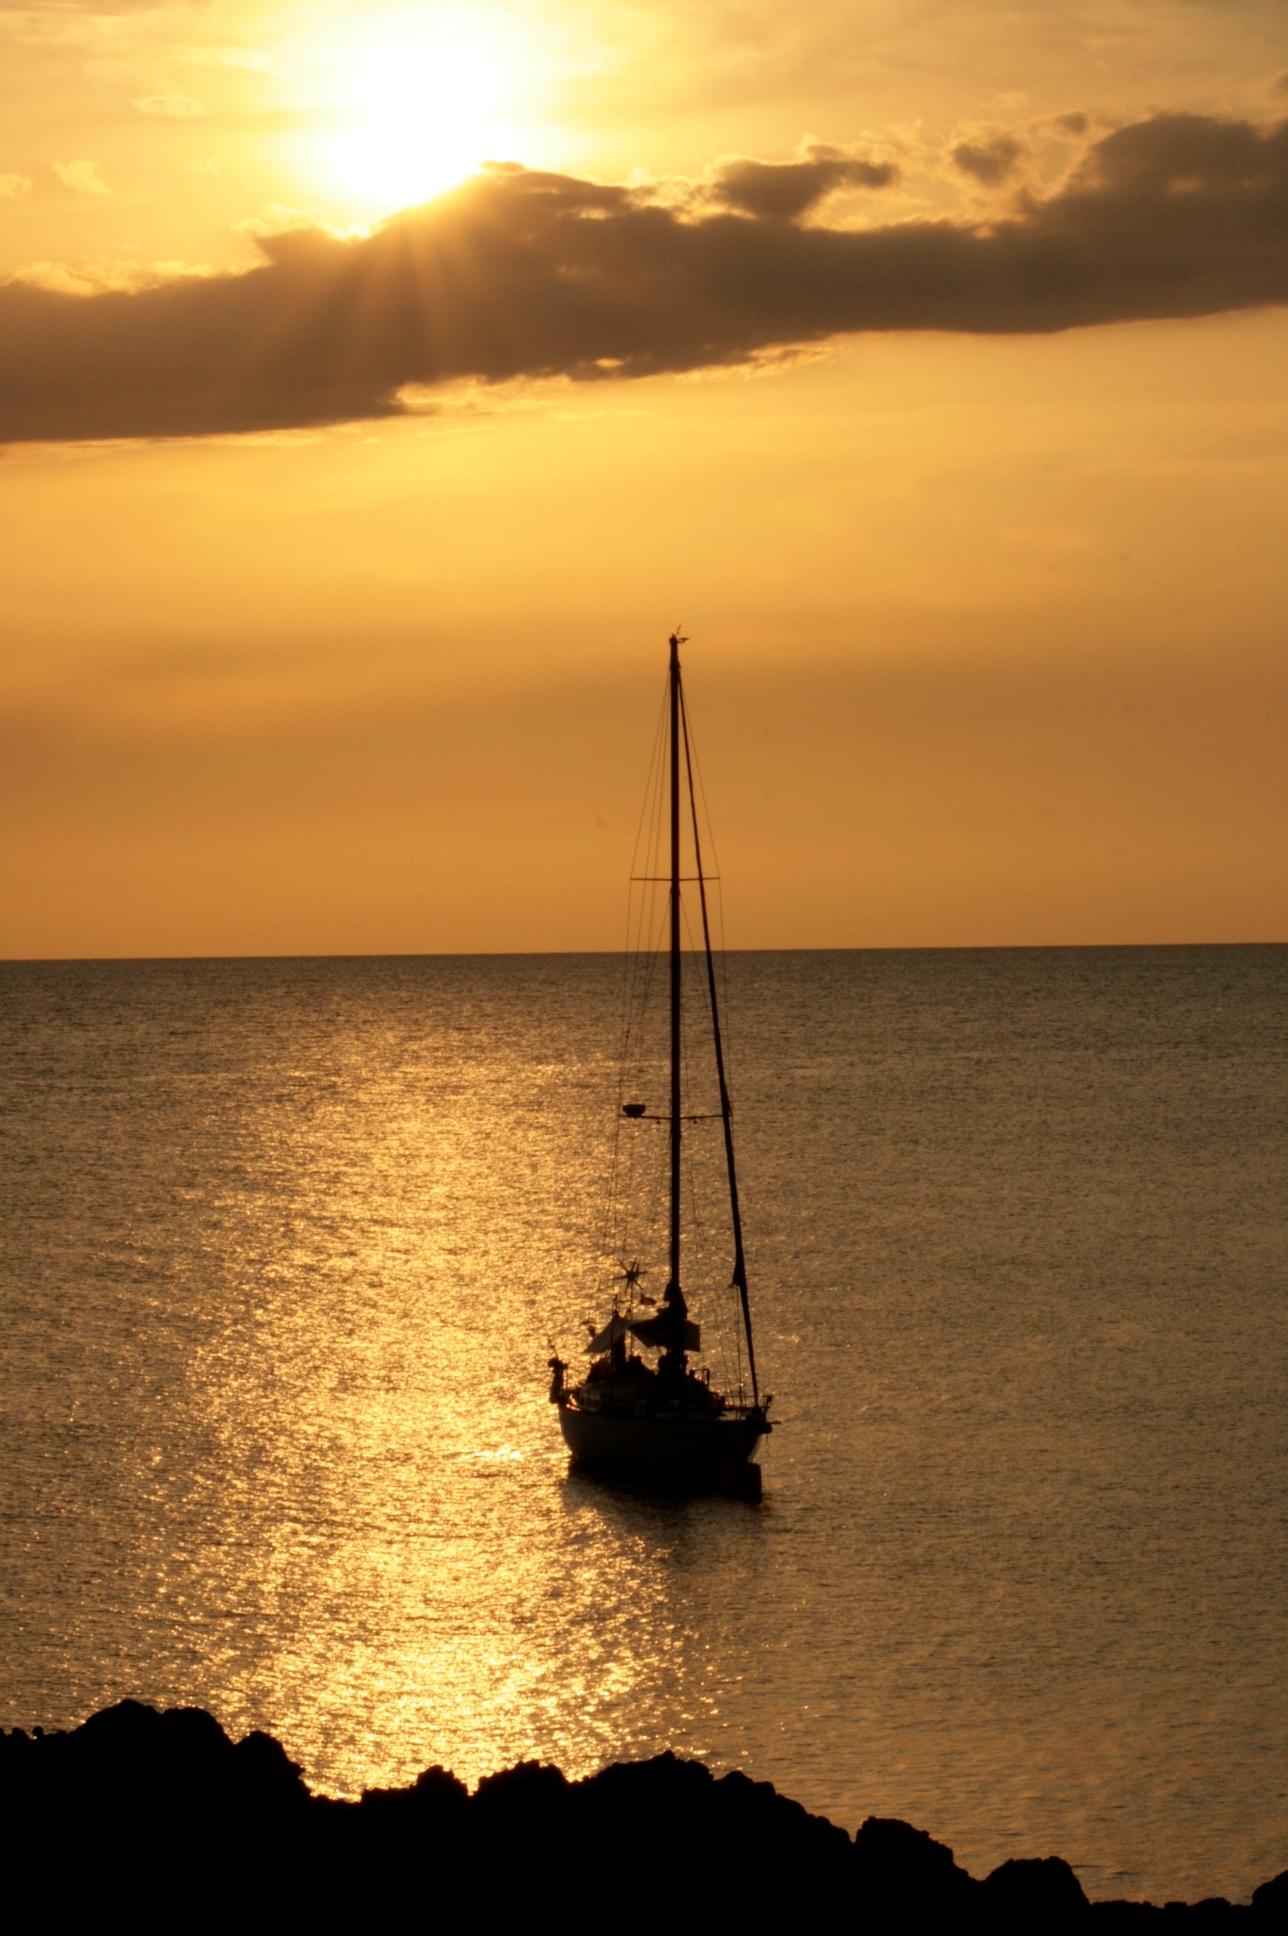 Tramonto con barca a vela